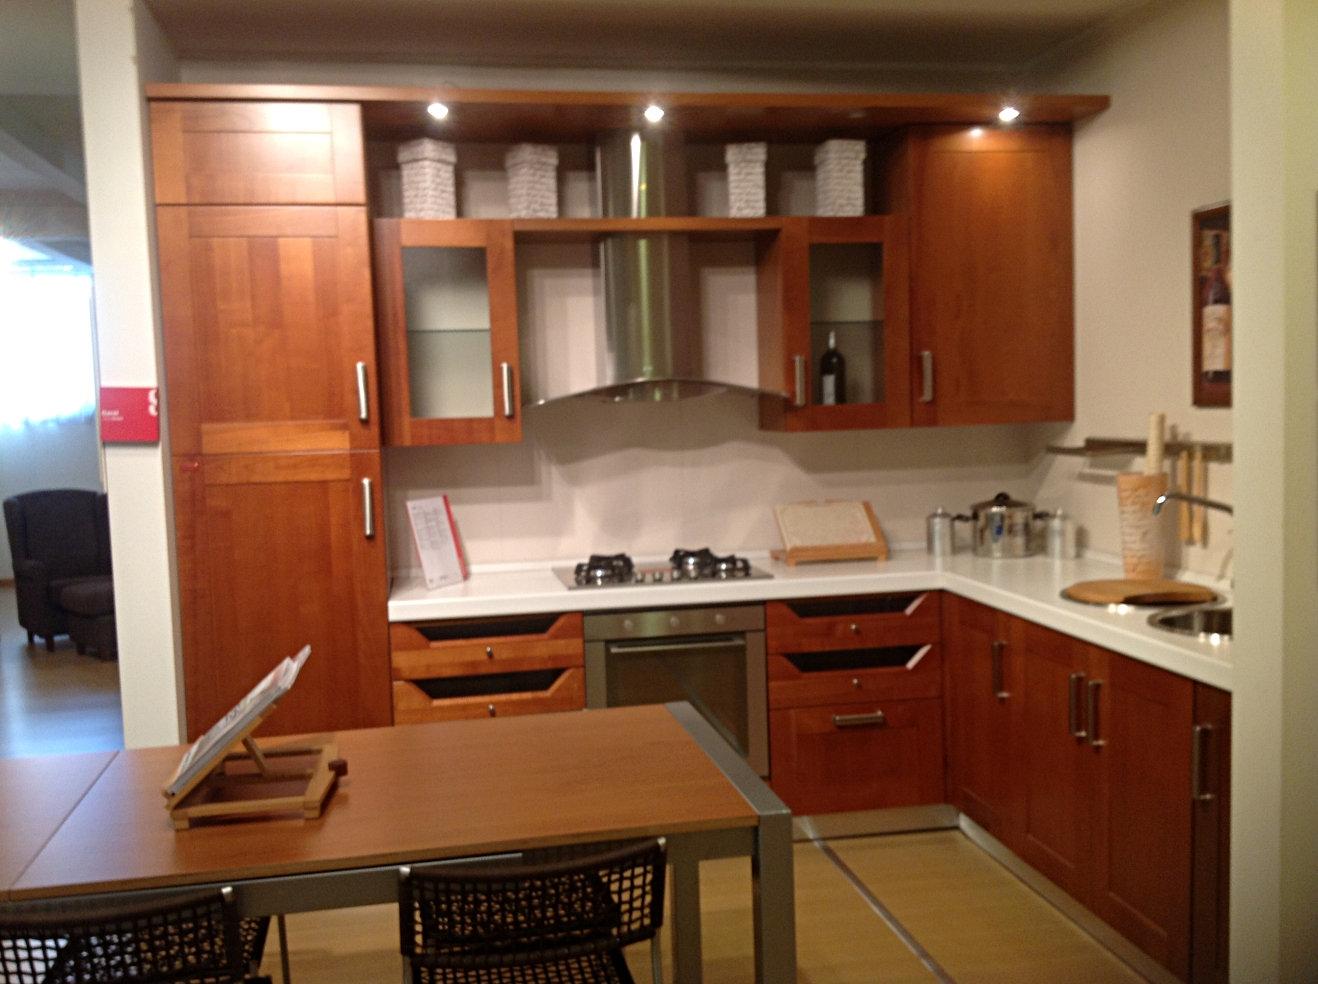 Scavolini carol legno ciliegio cucine a prezzi scontati - Cucina scavolini carol ...